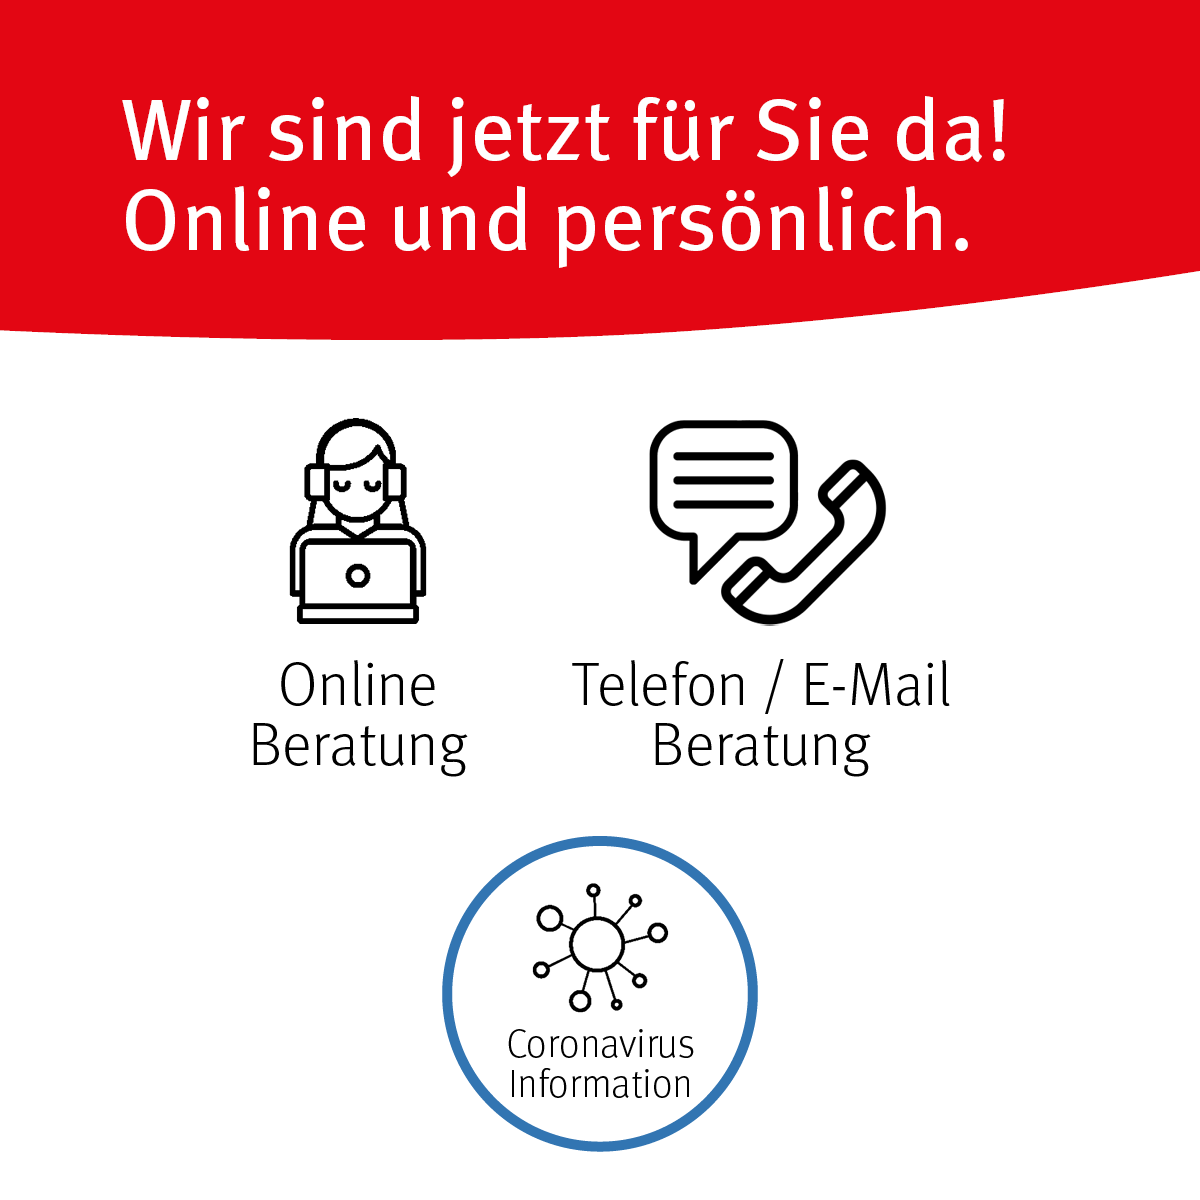 Wir sind online und persönlich für Sie da!